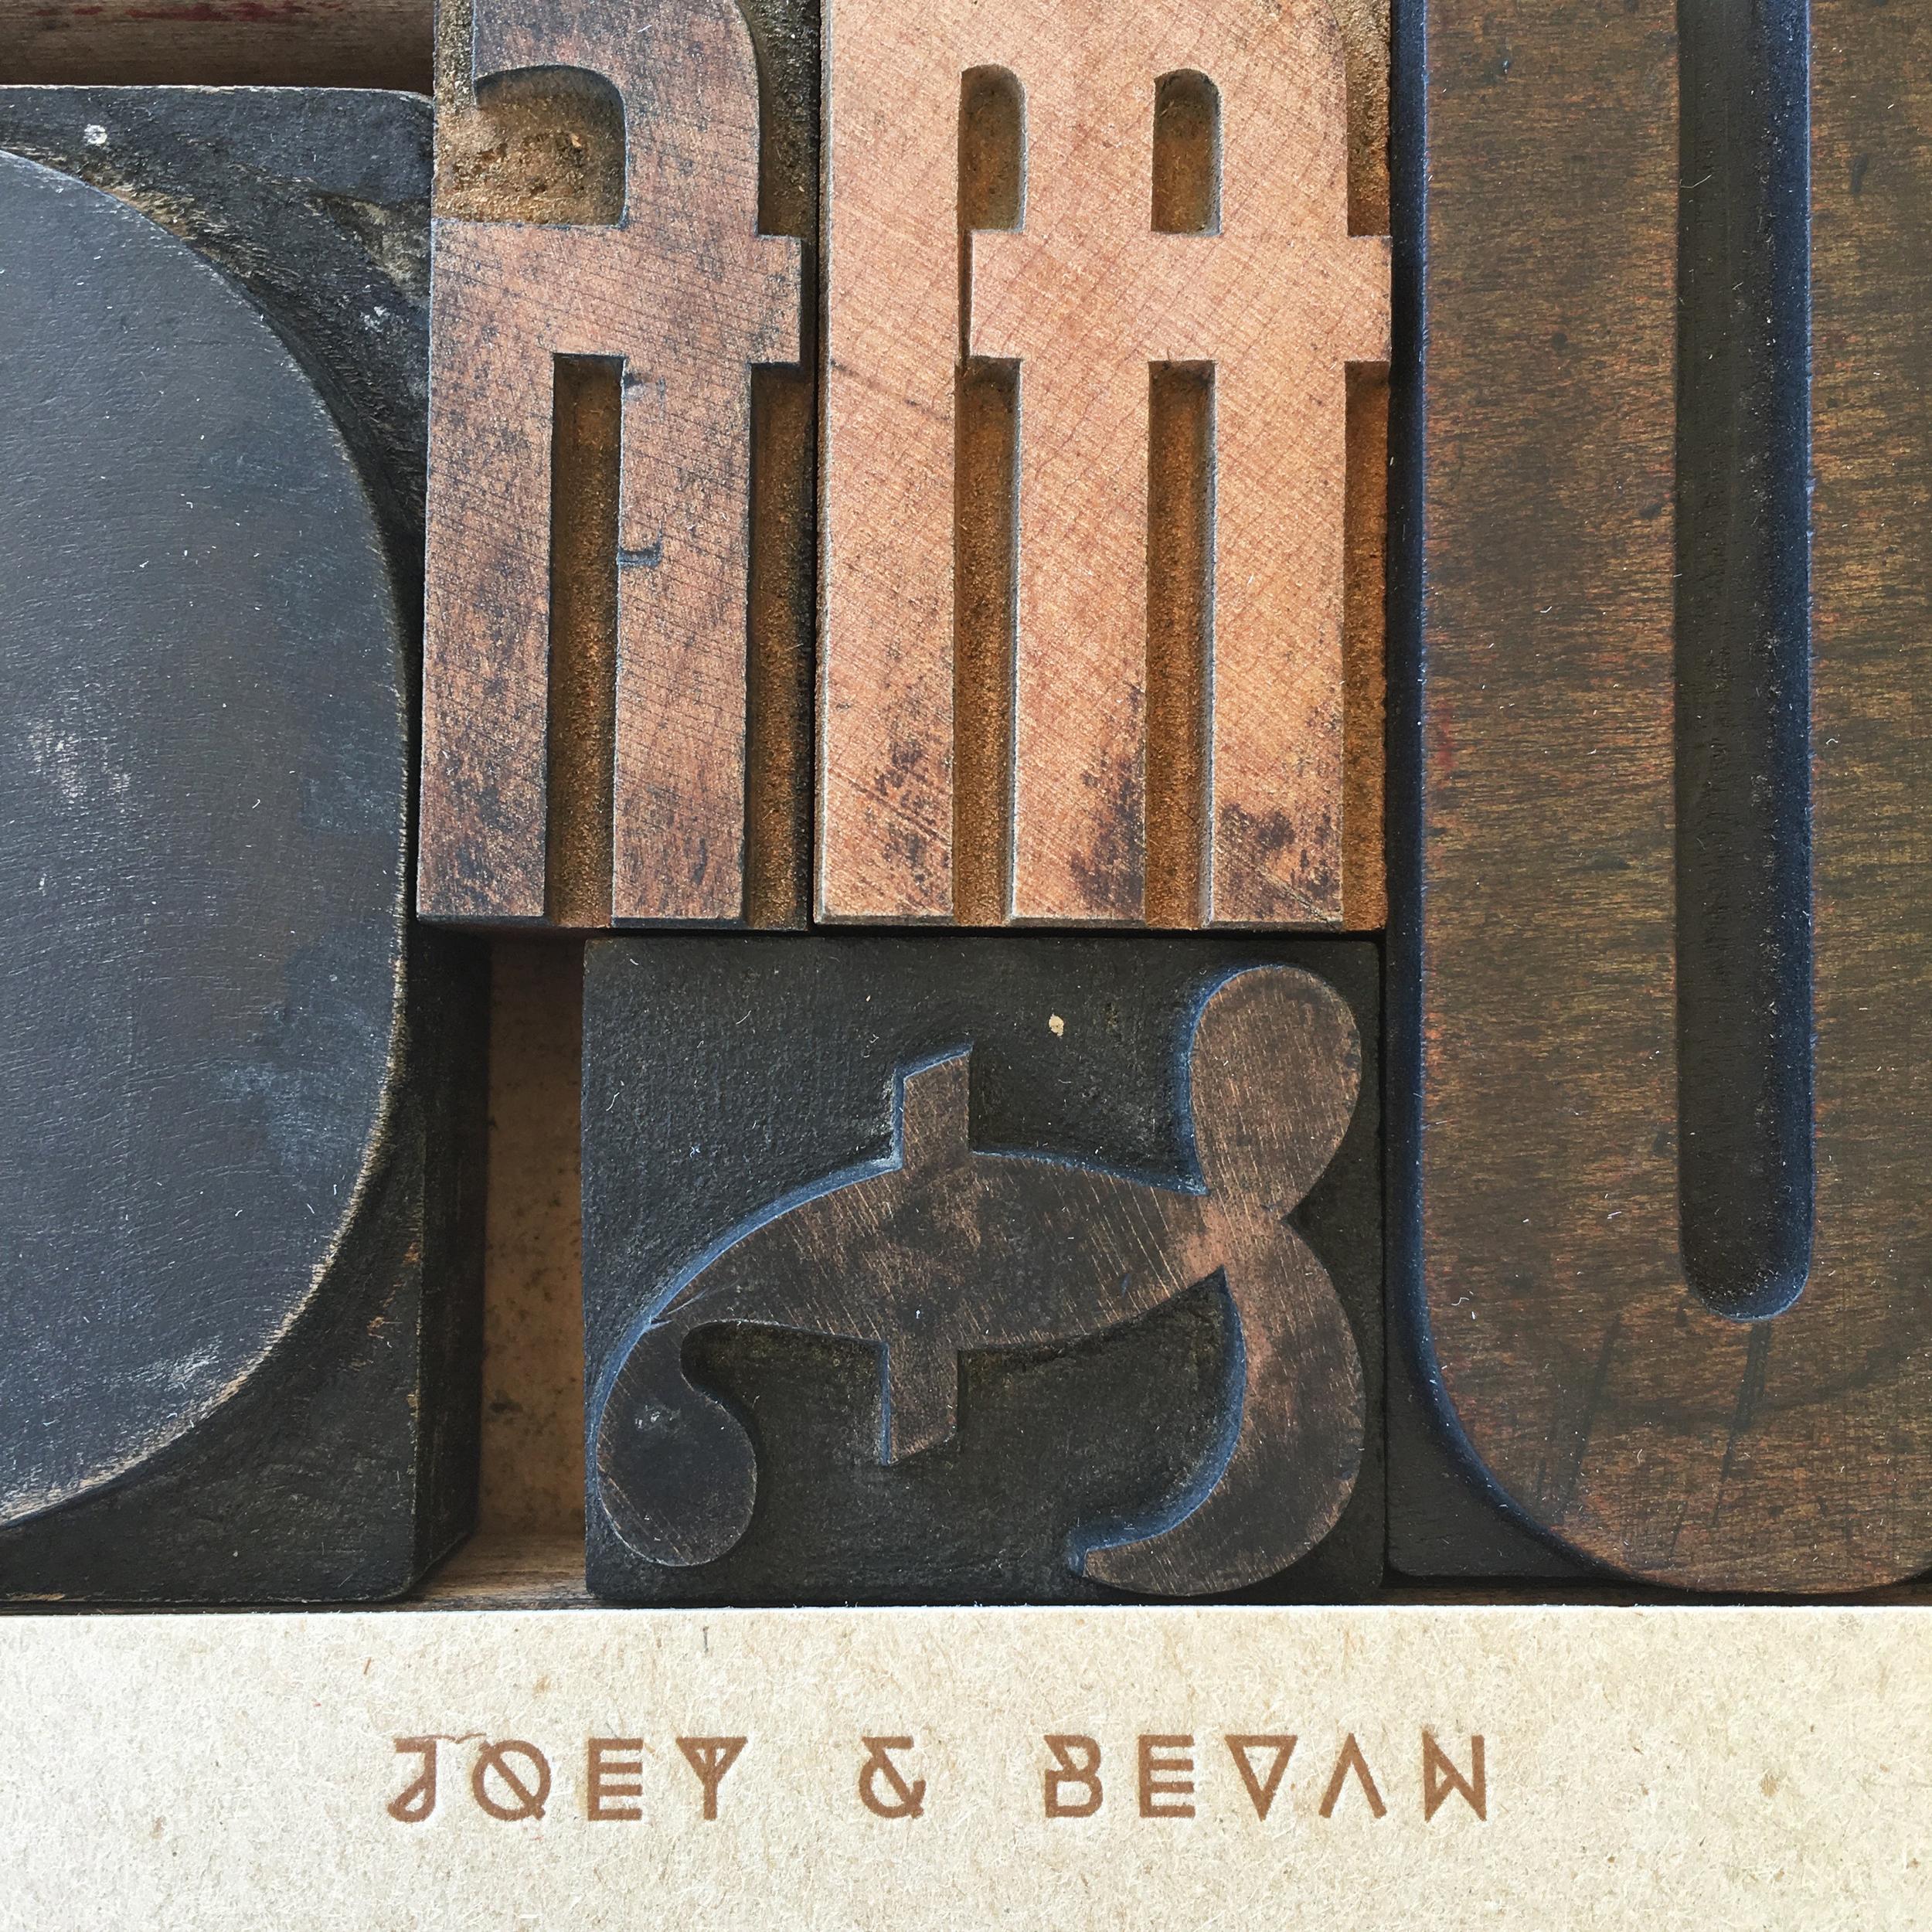 Joey & Bevan Detail